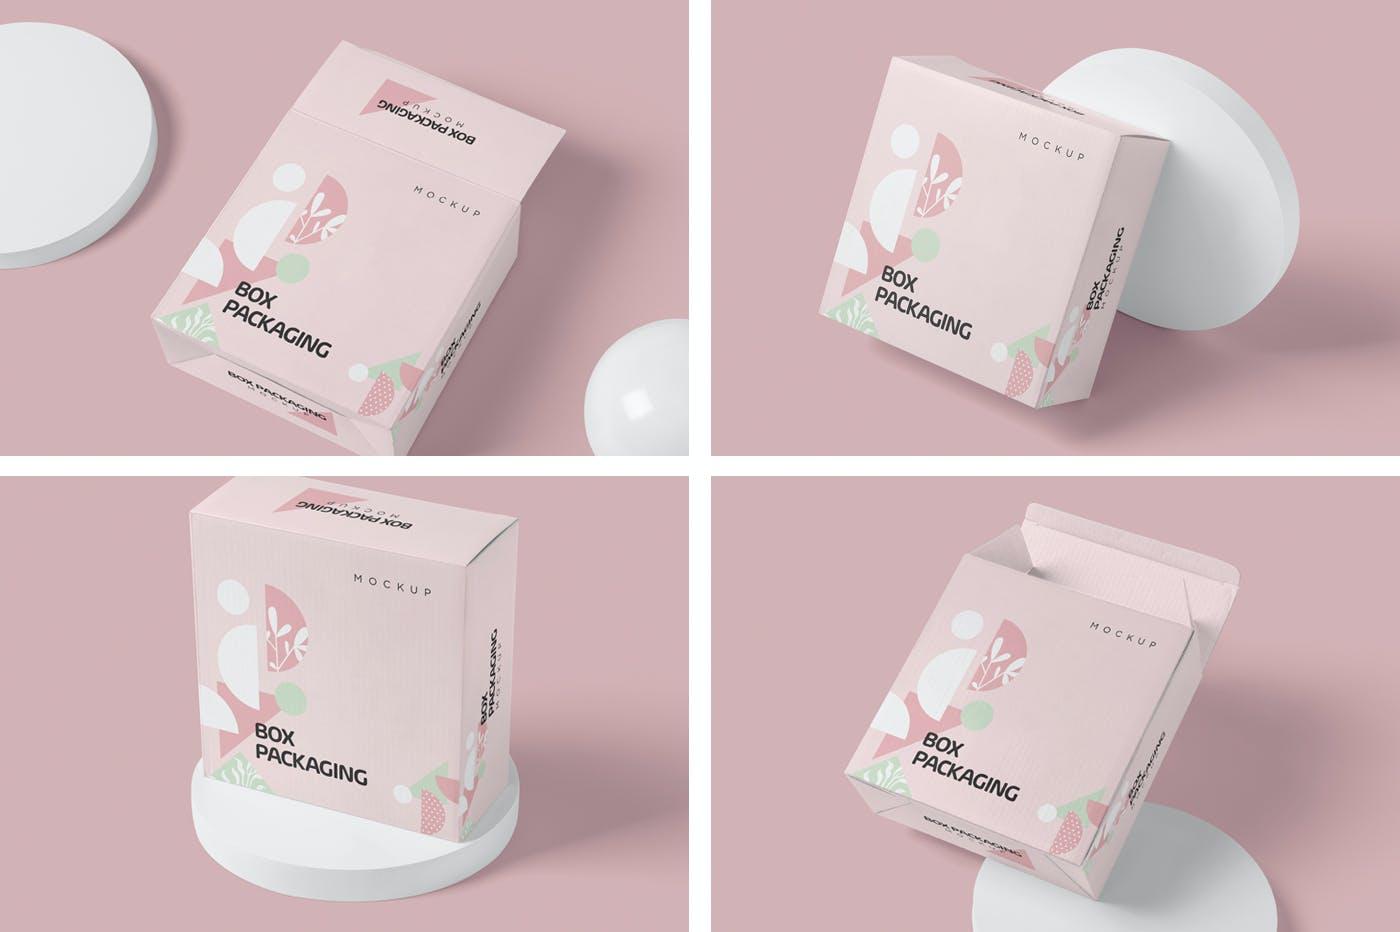 4款时尚产品包装纸盒外观设计PSD样机 Box Packaging Mockups插图1